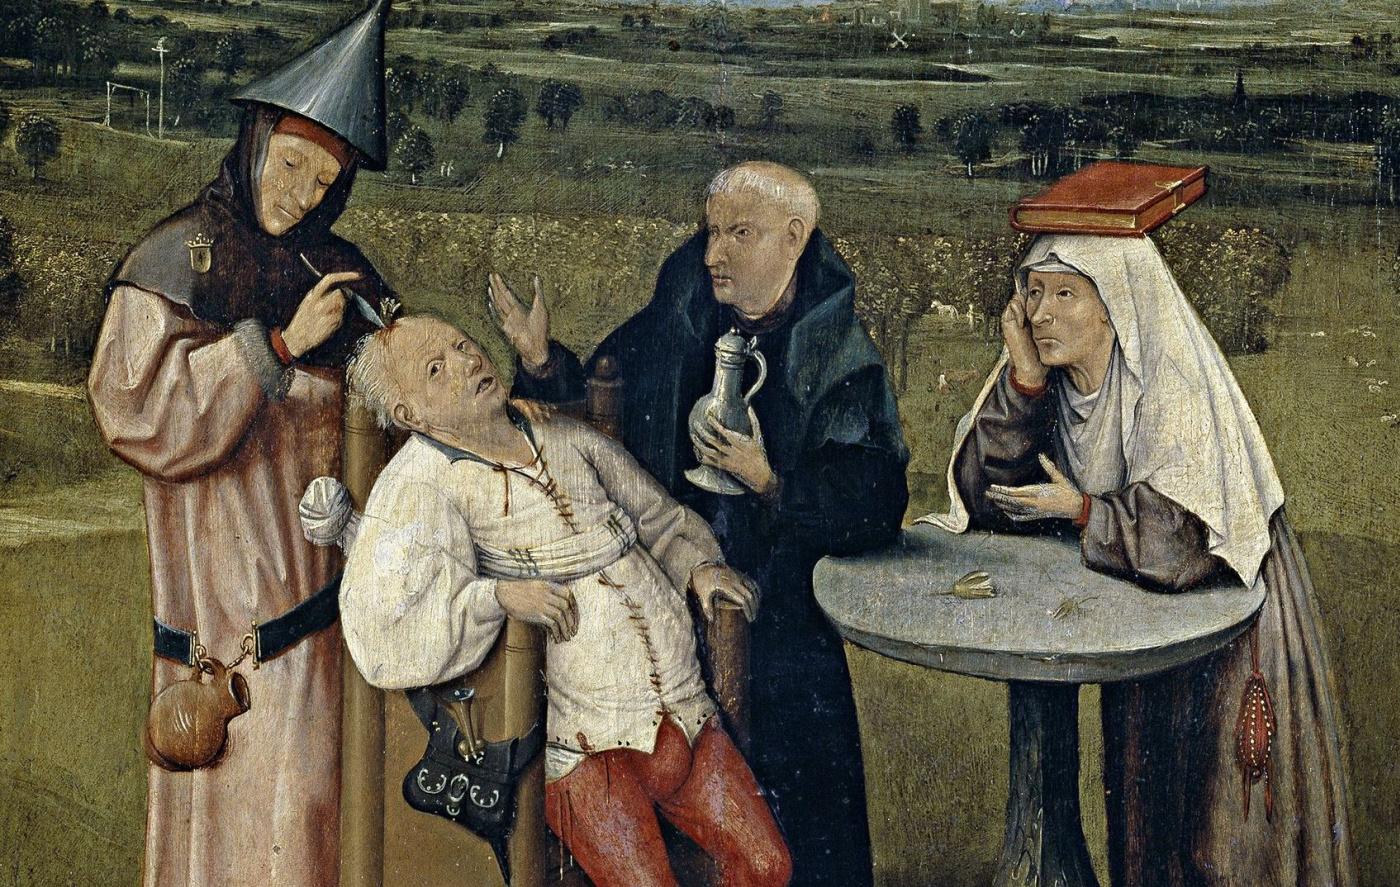 Секреты старых мастеров: 6 художников и один меценат, у которых есть чему поучиться накануне Дня дур